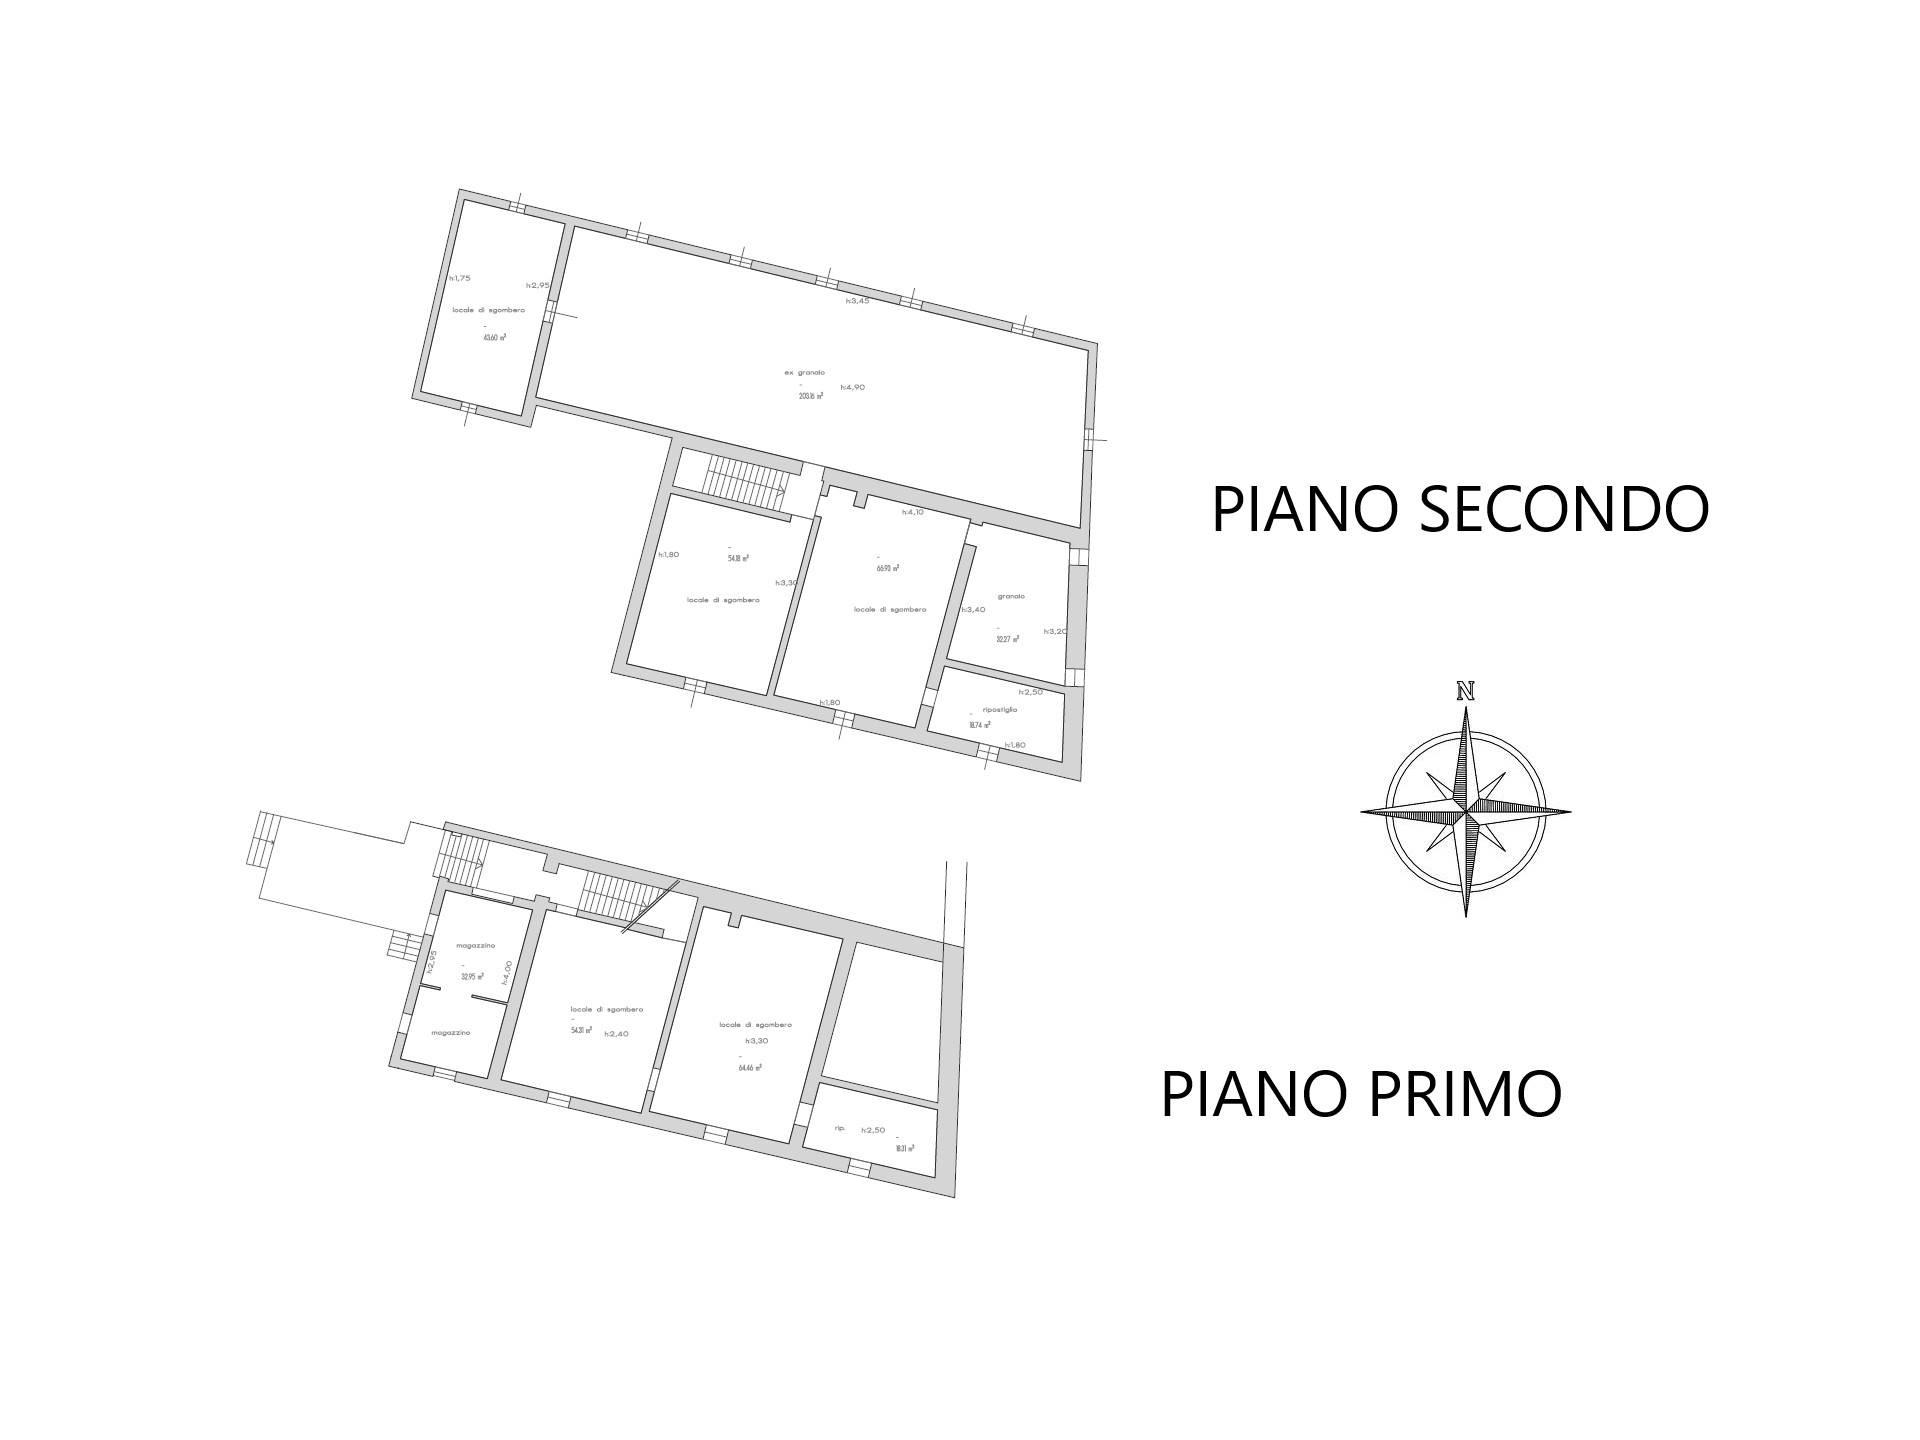 Planimetria stato attuale P1 e P2